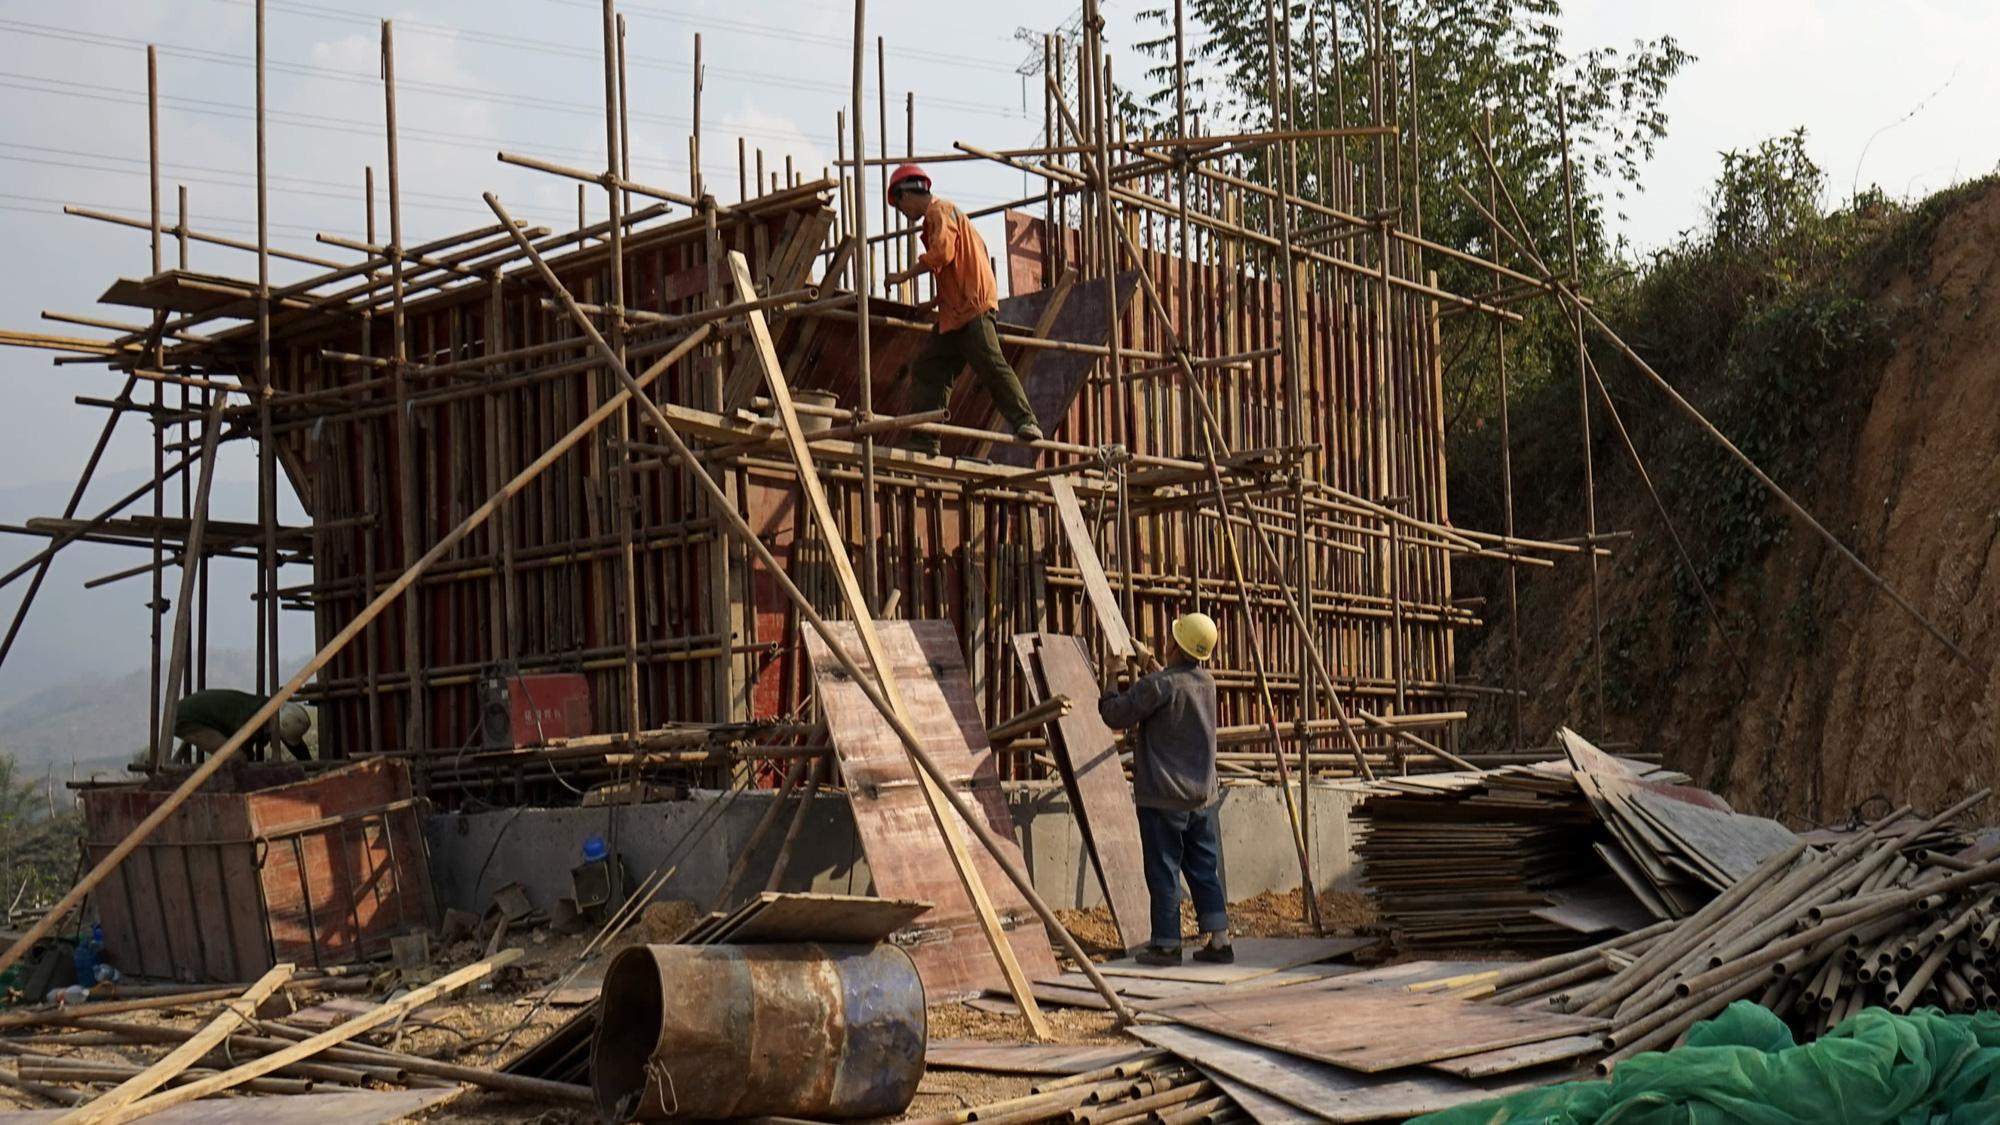 Lào có nguy cơ vỡ nợ lớn, ngày càng phụ thuộc vào tiền từ Trung Quốc - Ảnh 1.